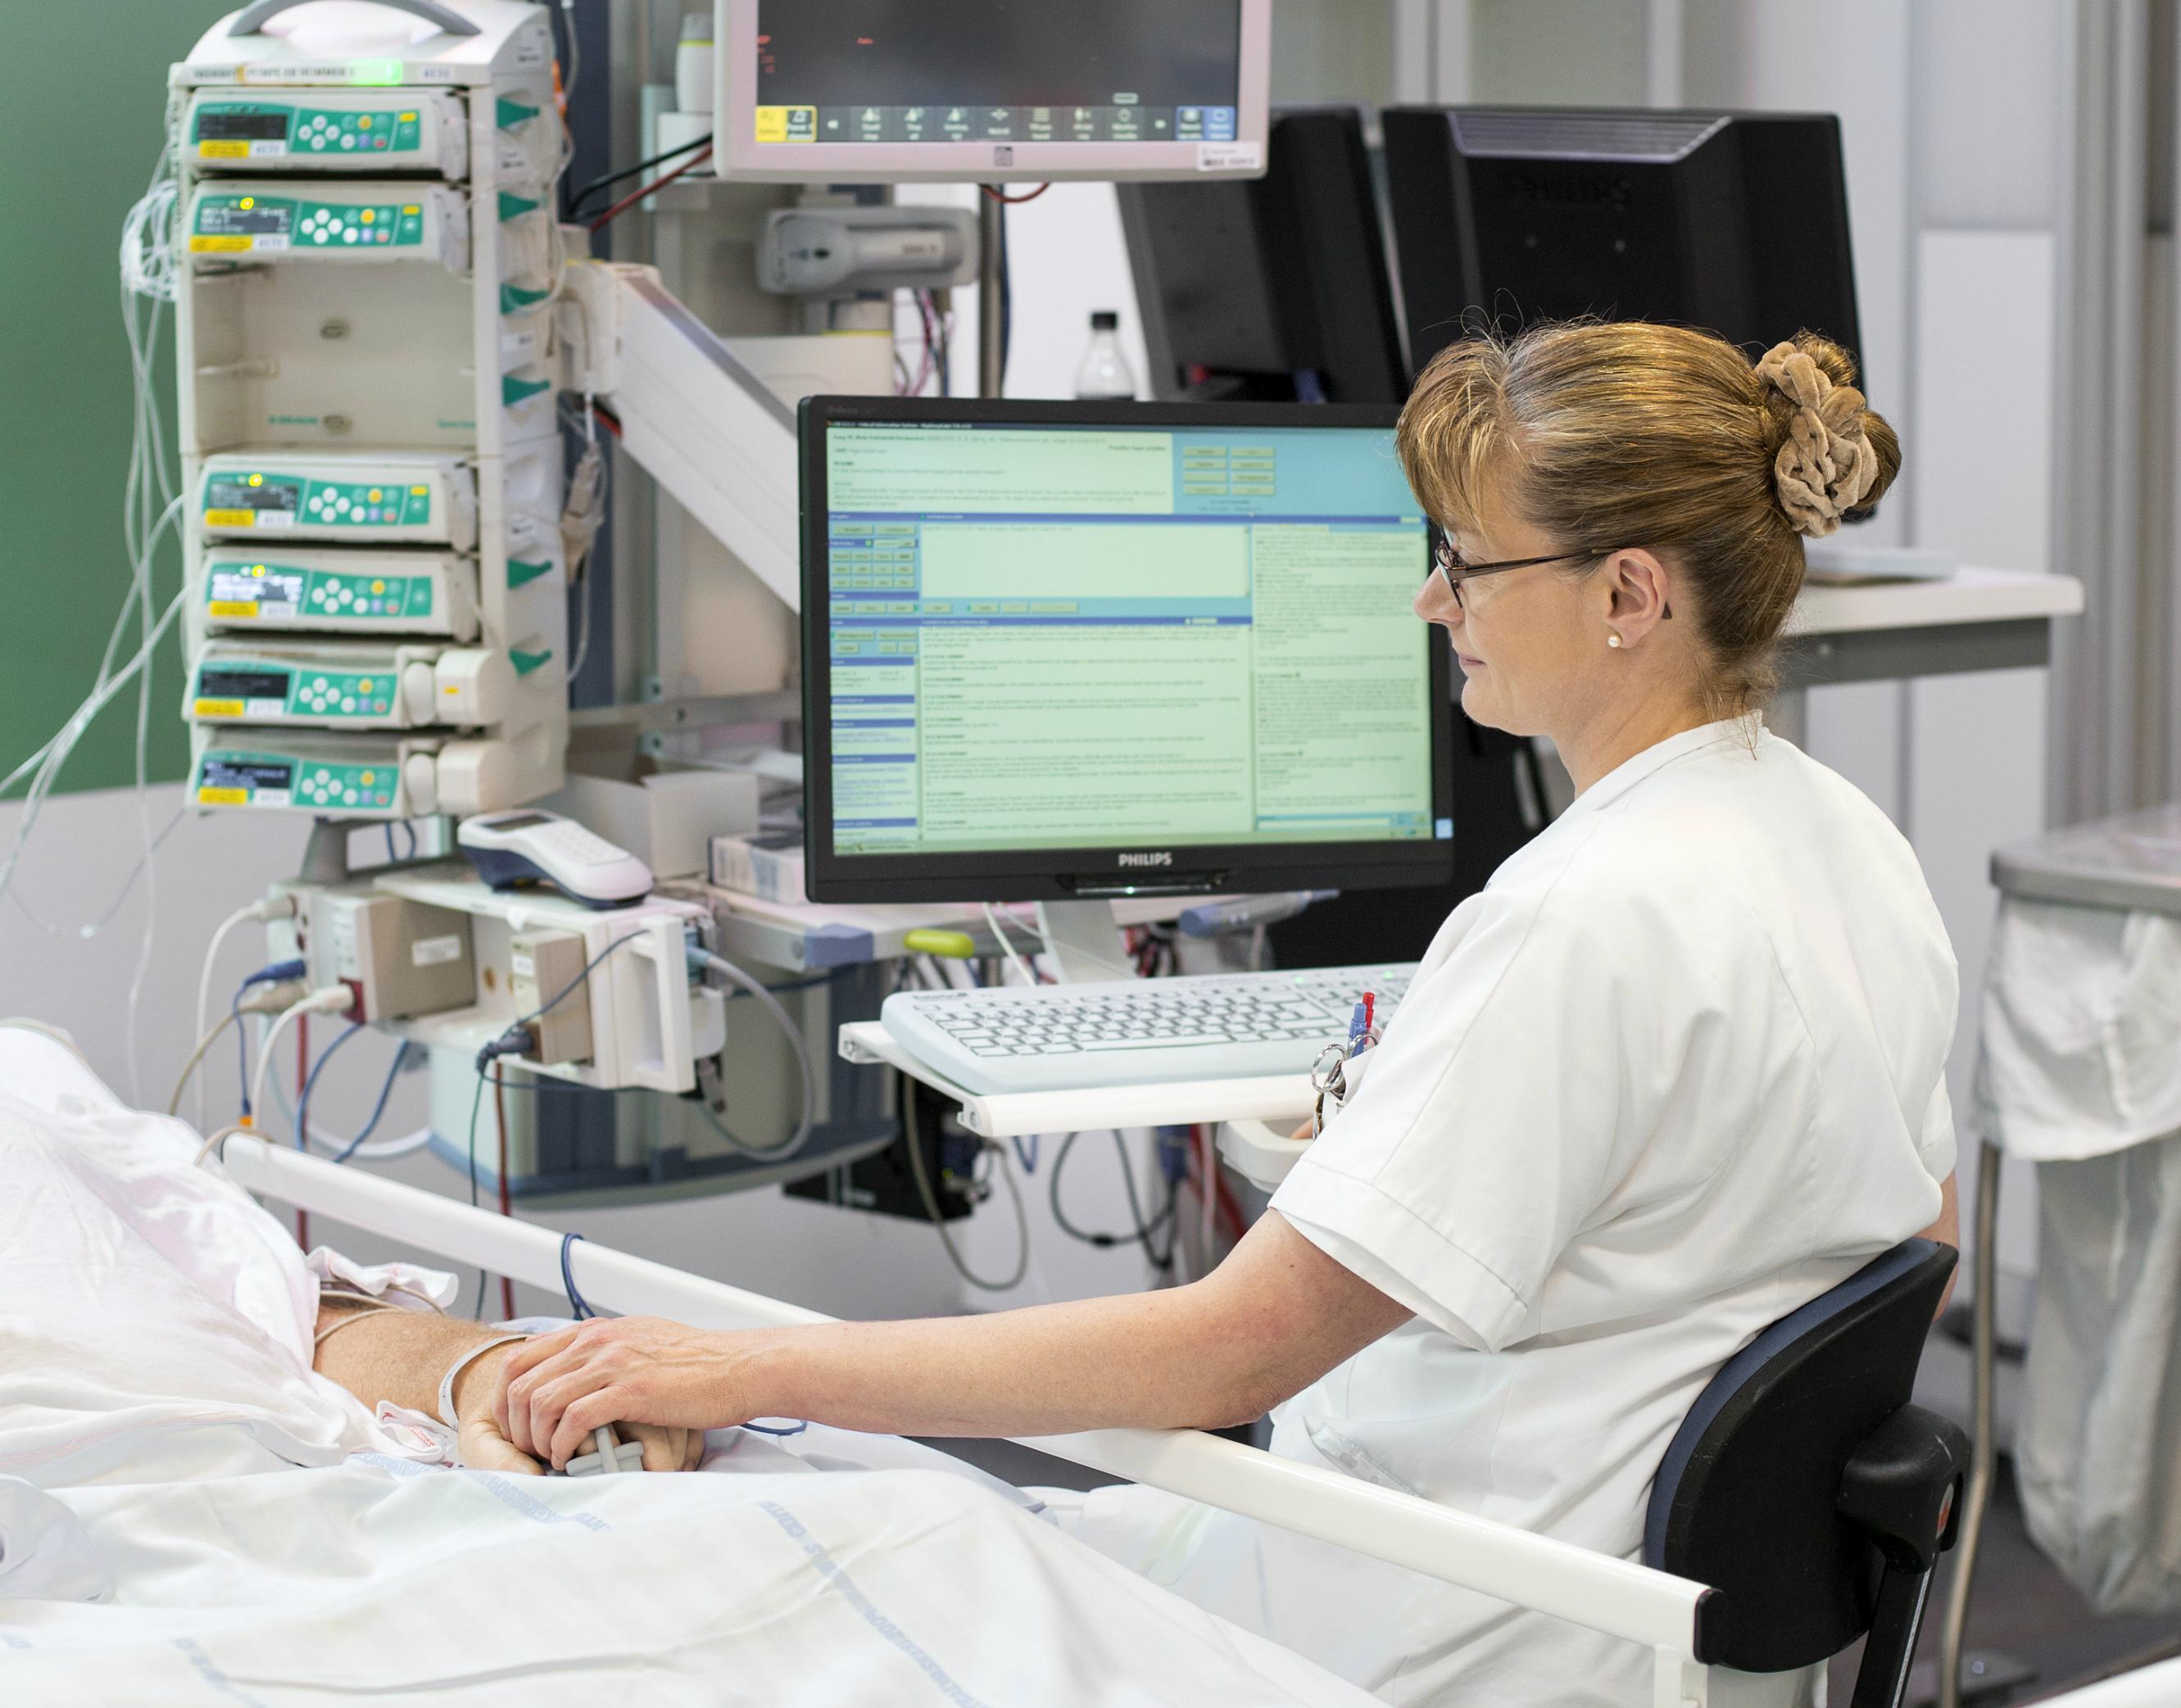 På Intensivafdelingen er patienterne overvågede 24 timer i døgnet.